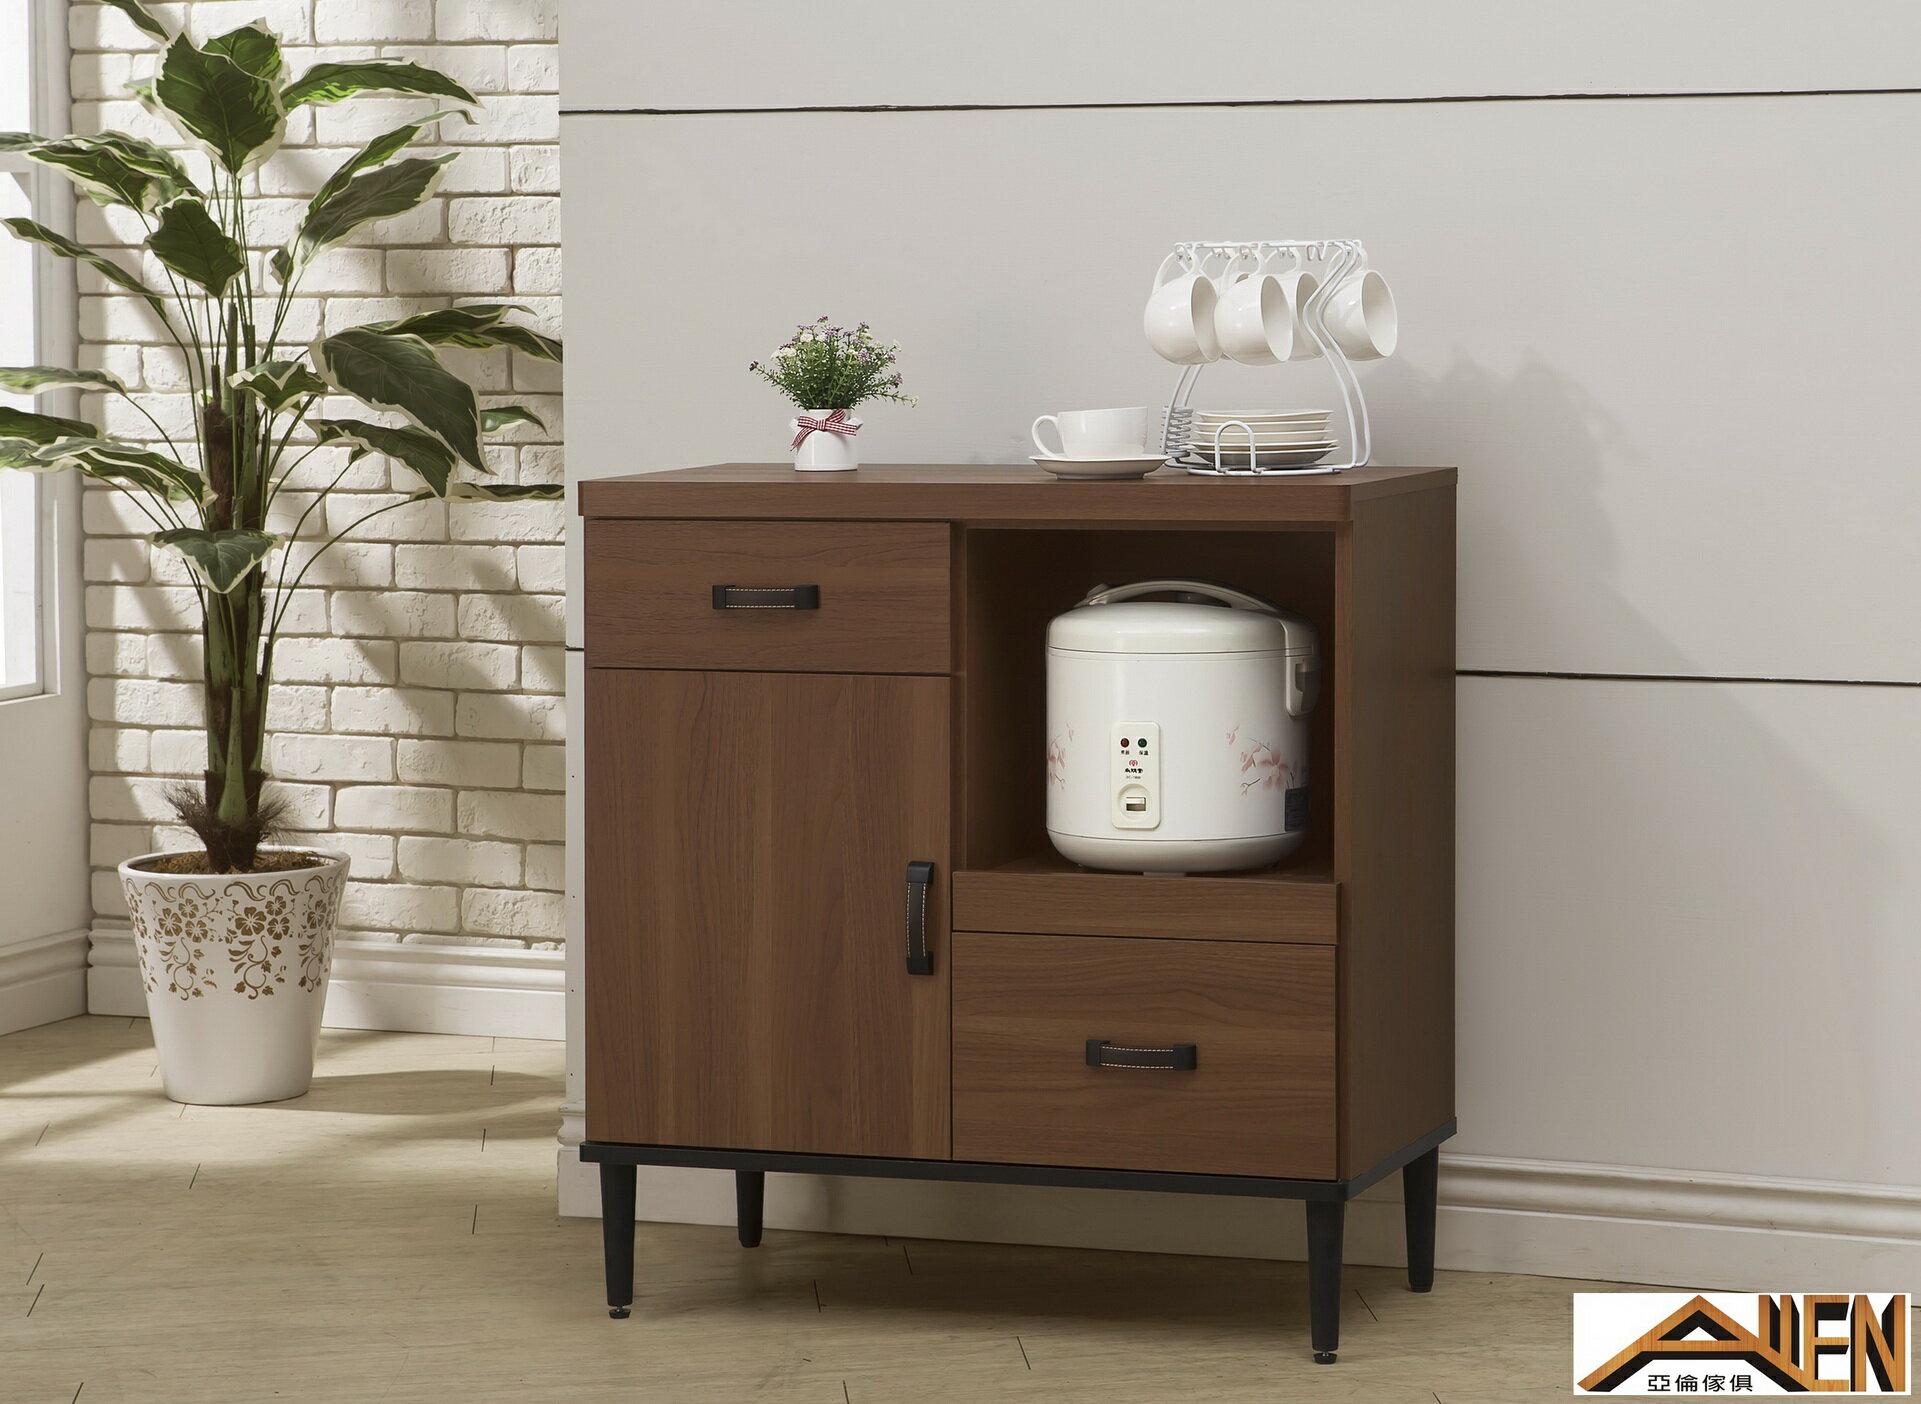 亞倫傢俱*亞當斯立體木紋單門碗盤櫃全組 2